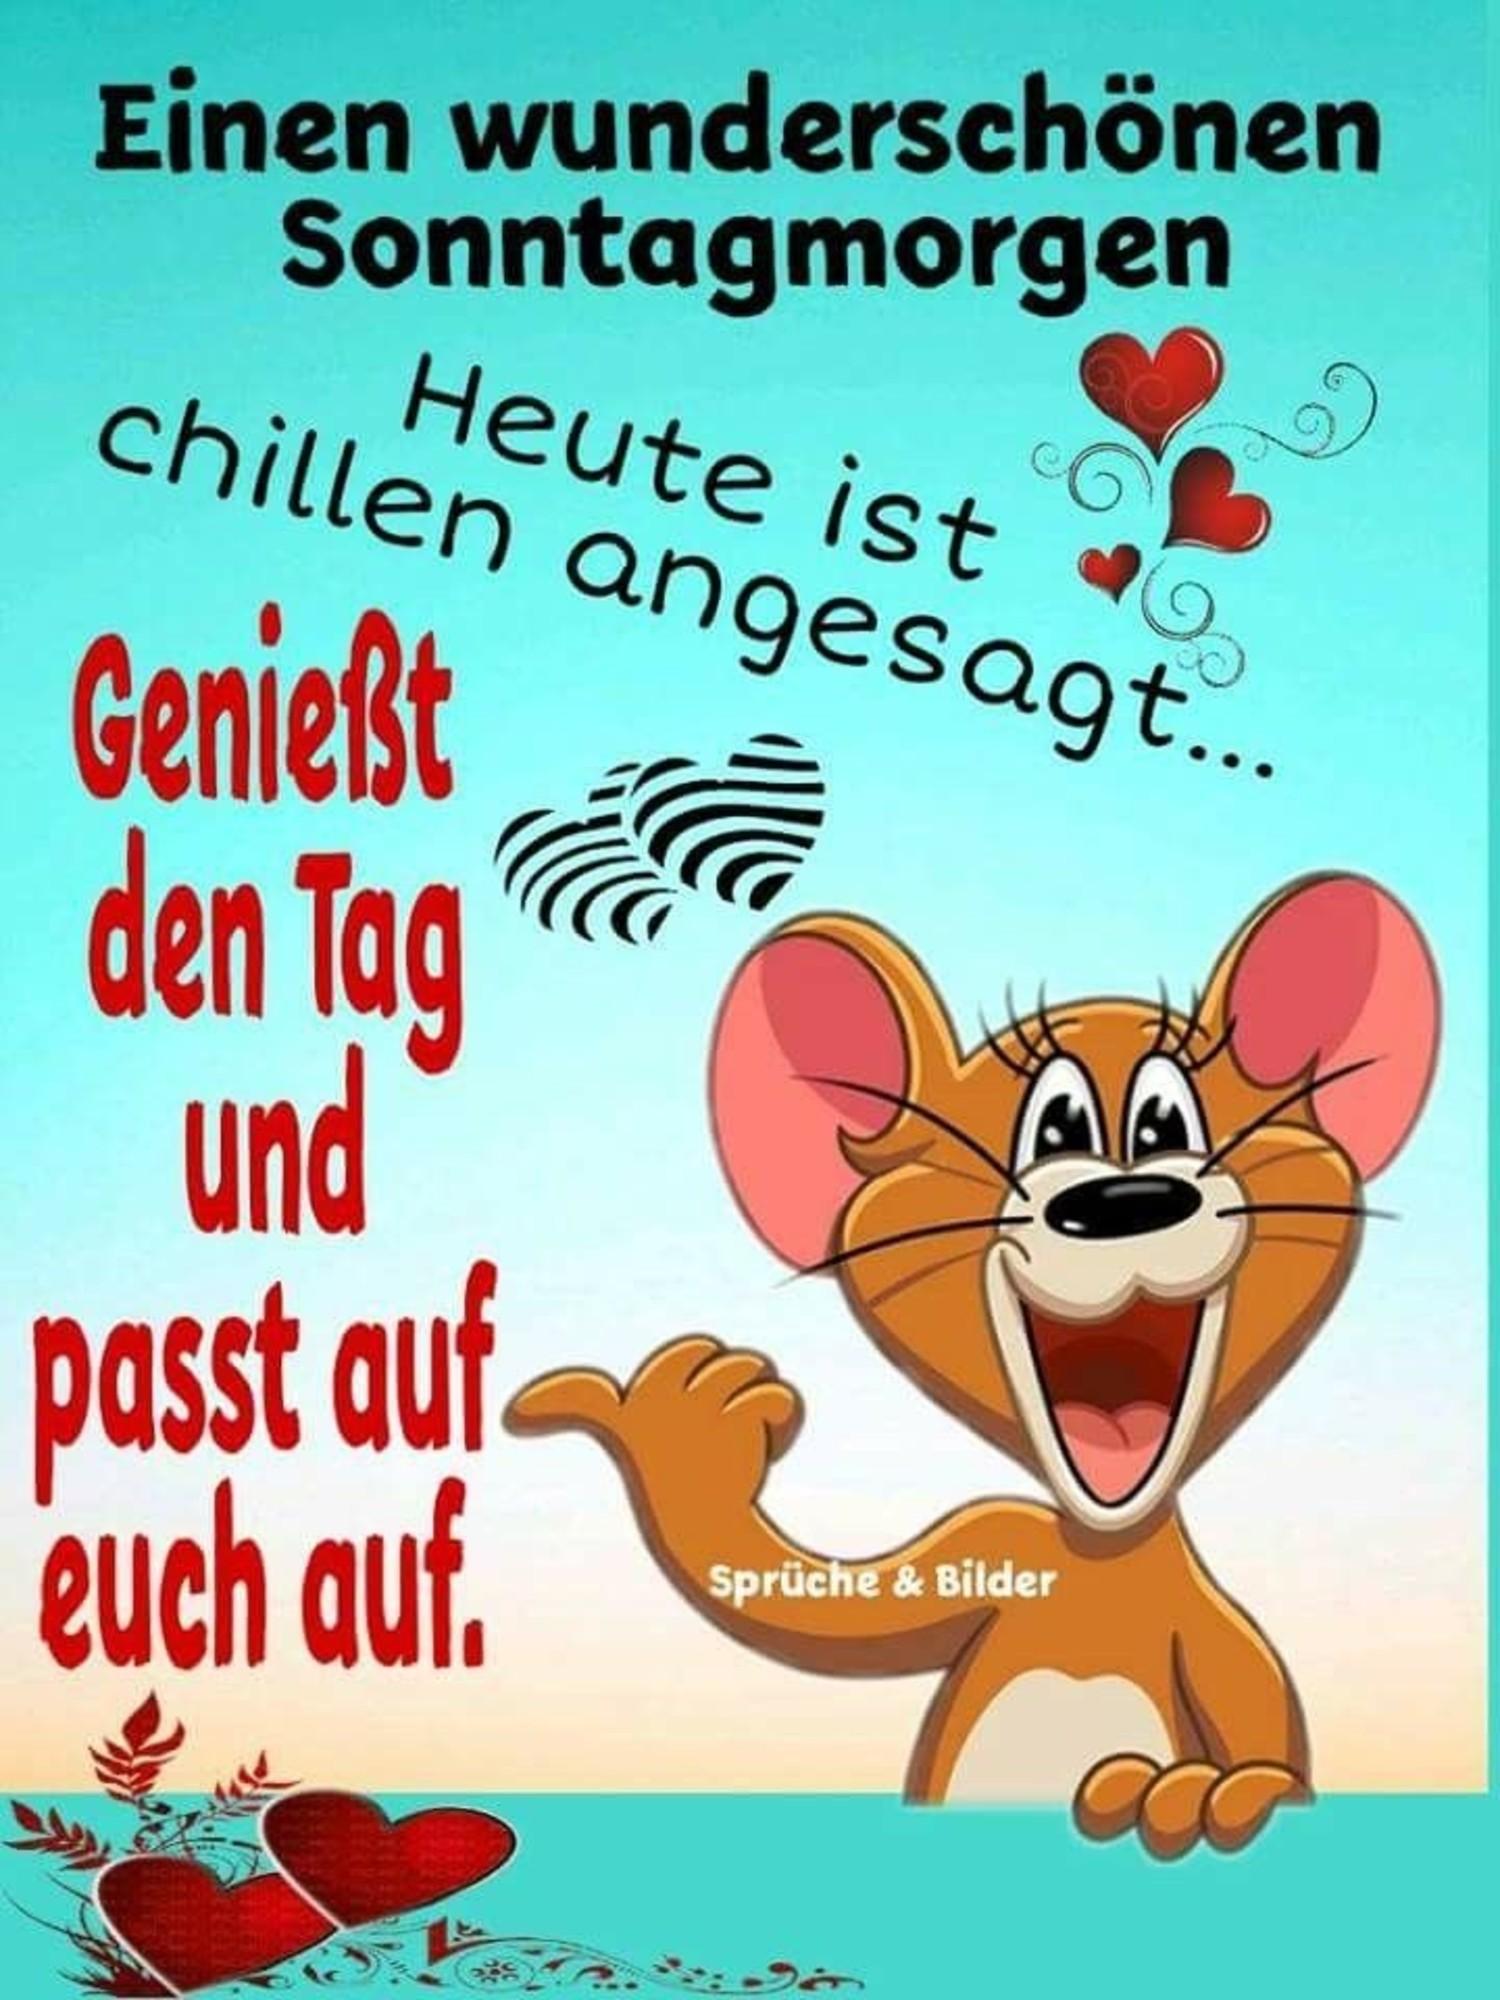 Schönen Sonntag Grüße Gbpicsbildercom